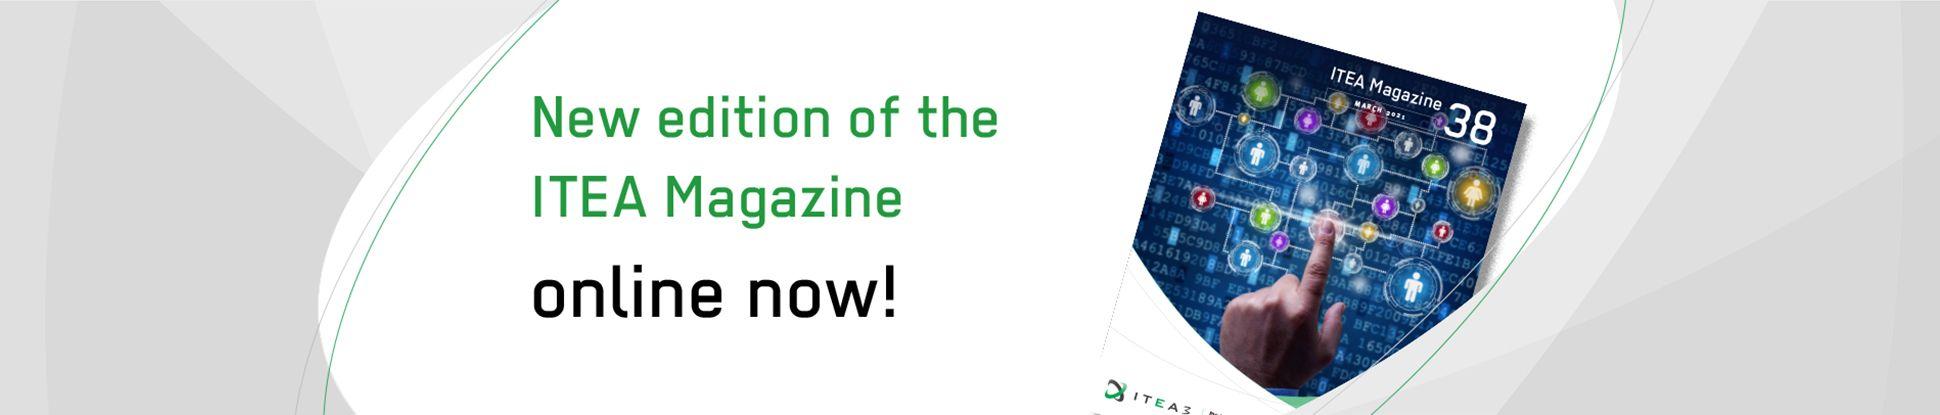 New ITEA Magazine #38 online jumbotron